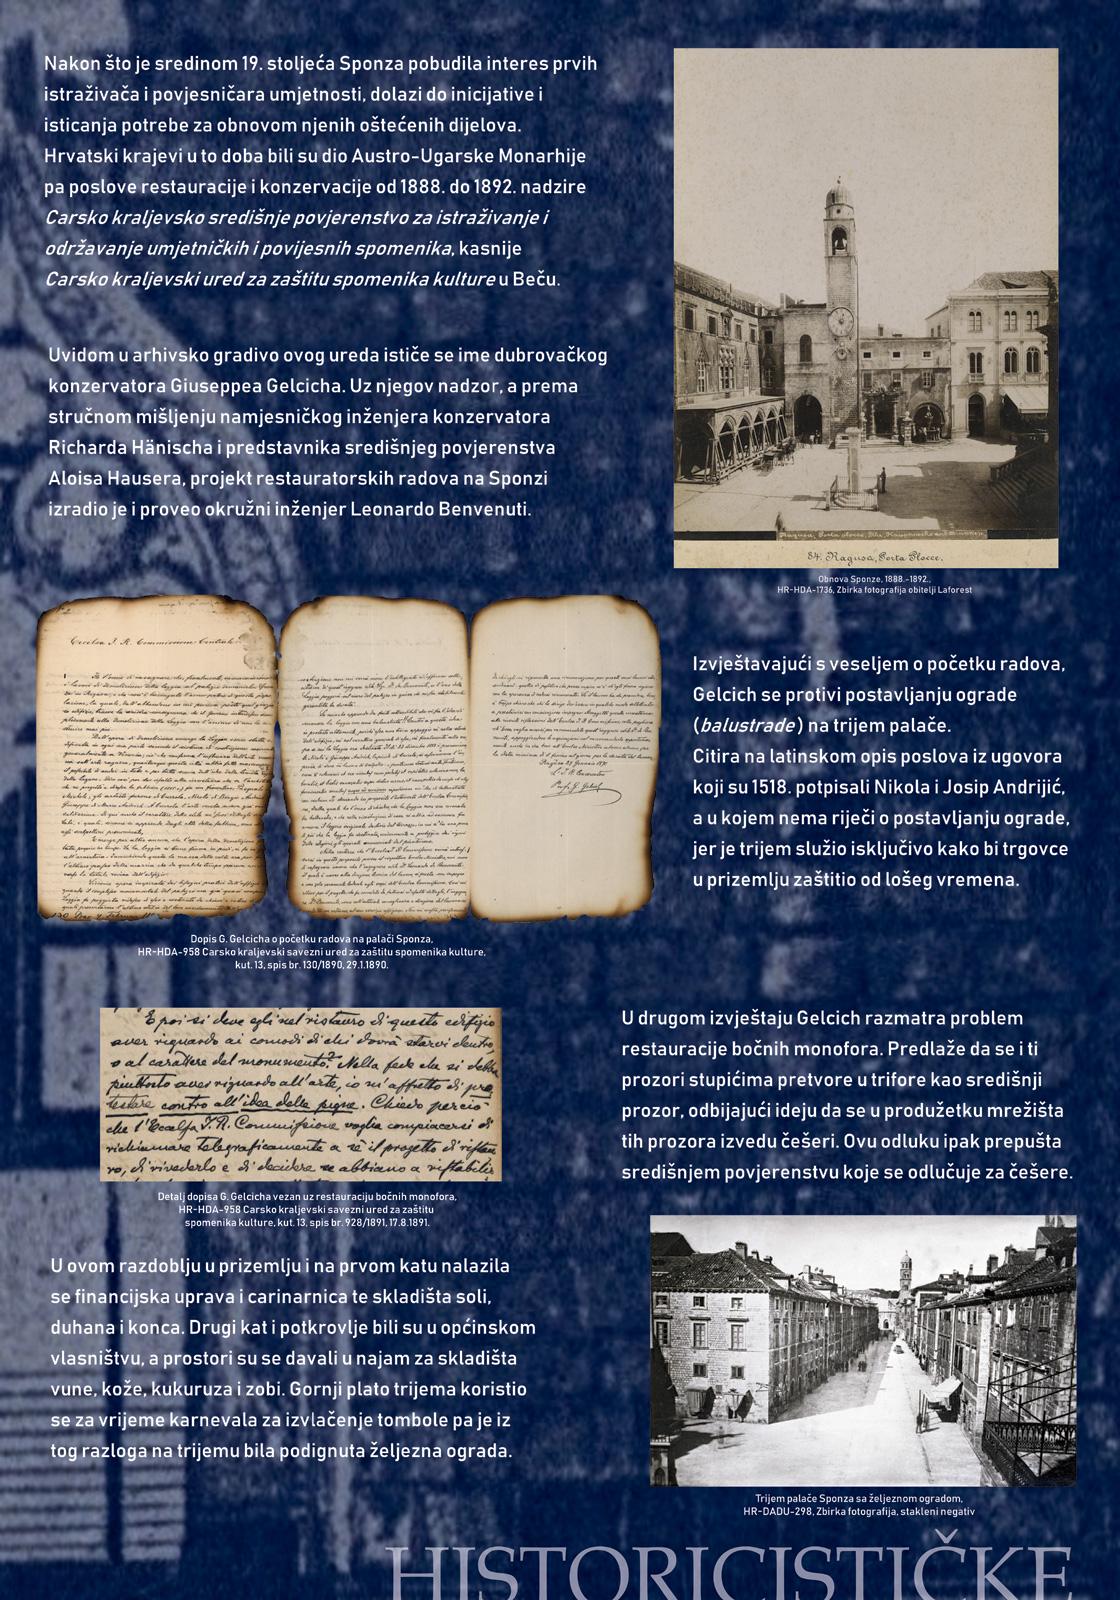 Panel 2 sa tekstom i slikama koje prikazuju historicističke intervencije u palaču Sponza u drugoj polovici 19. stoljeća